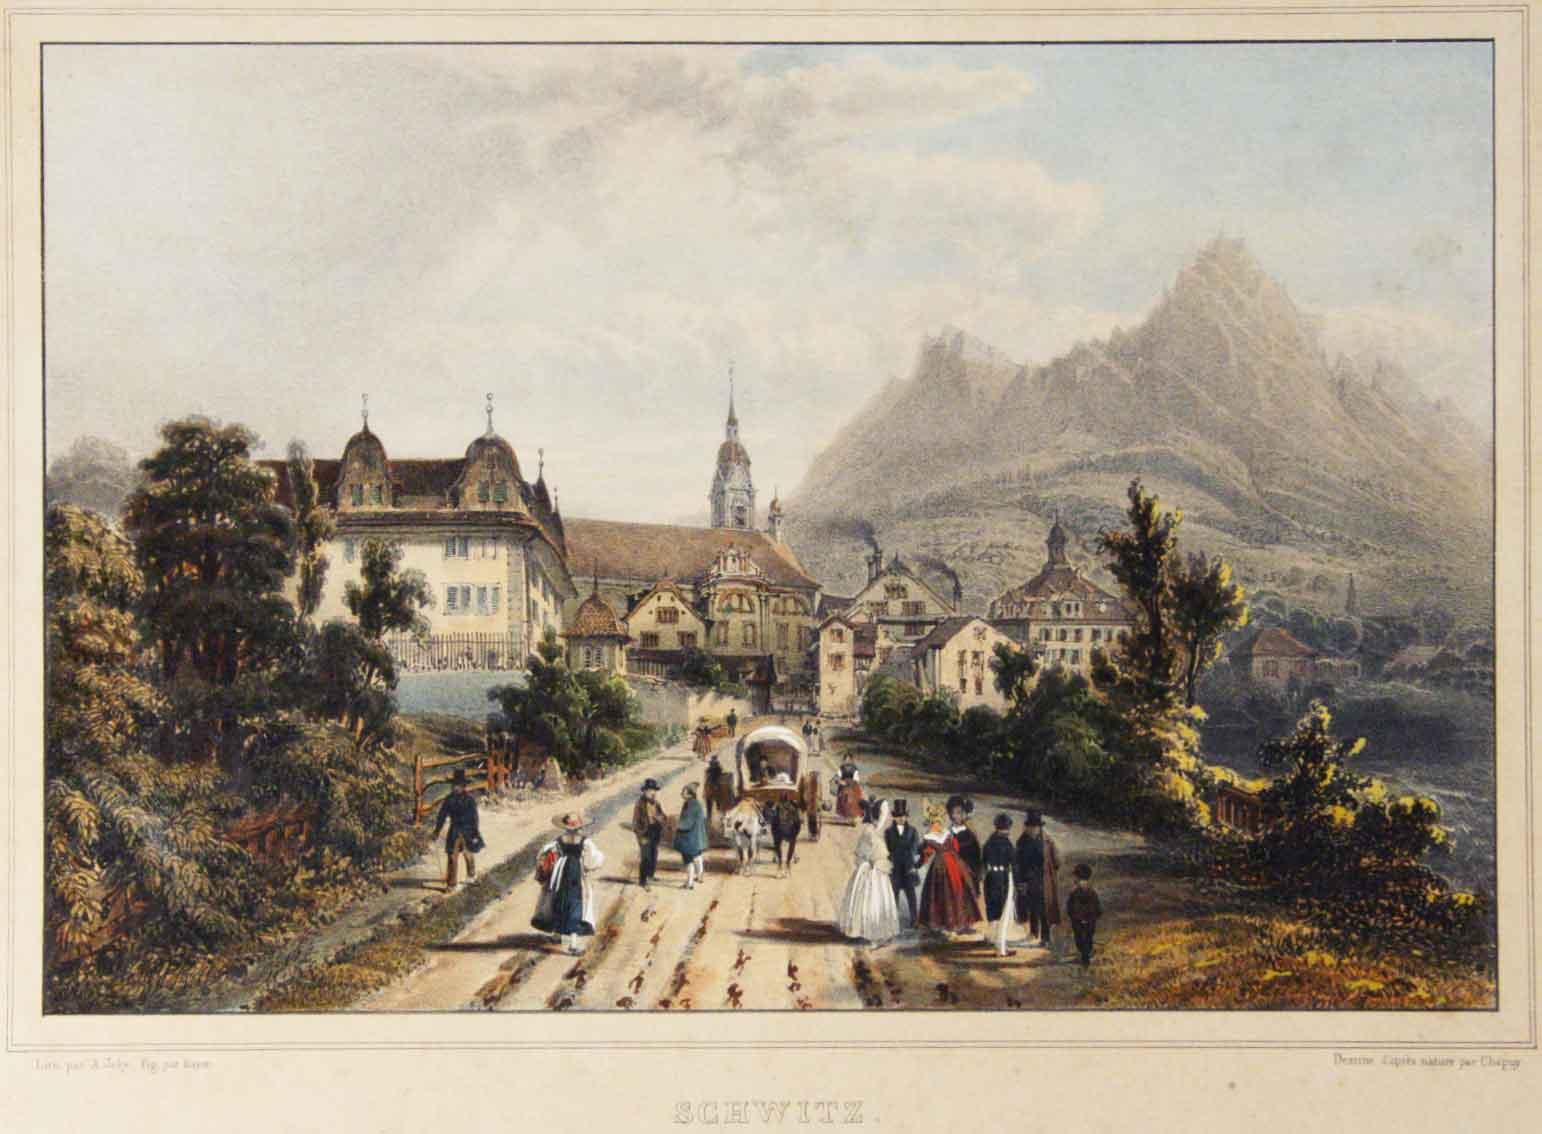 JOLY, A, LITH. (D'APRÈS NAT. PAR CHAPUY / - FIG. PAR BAYOT: - Schwitz (Schwyz) vers les Mythen.